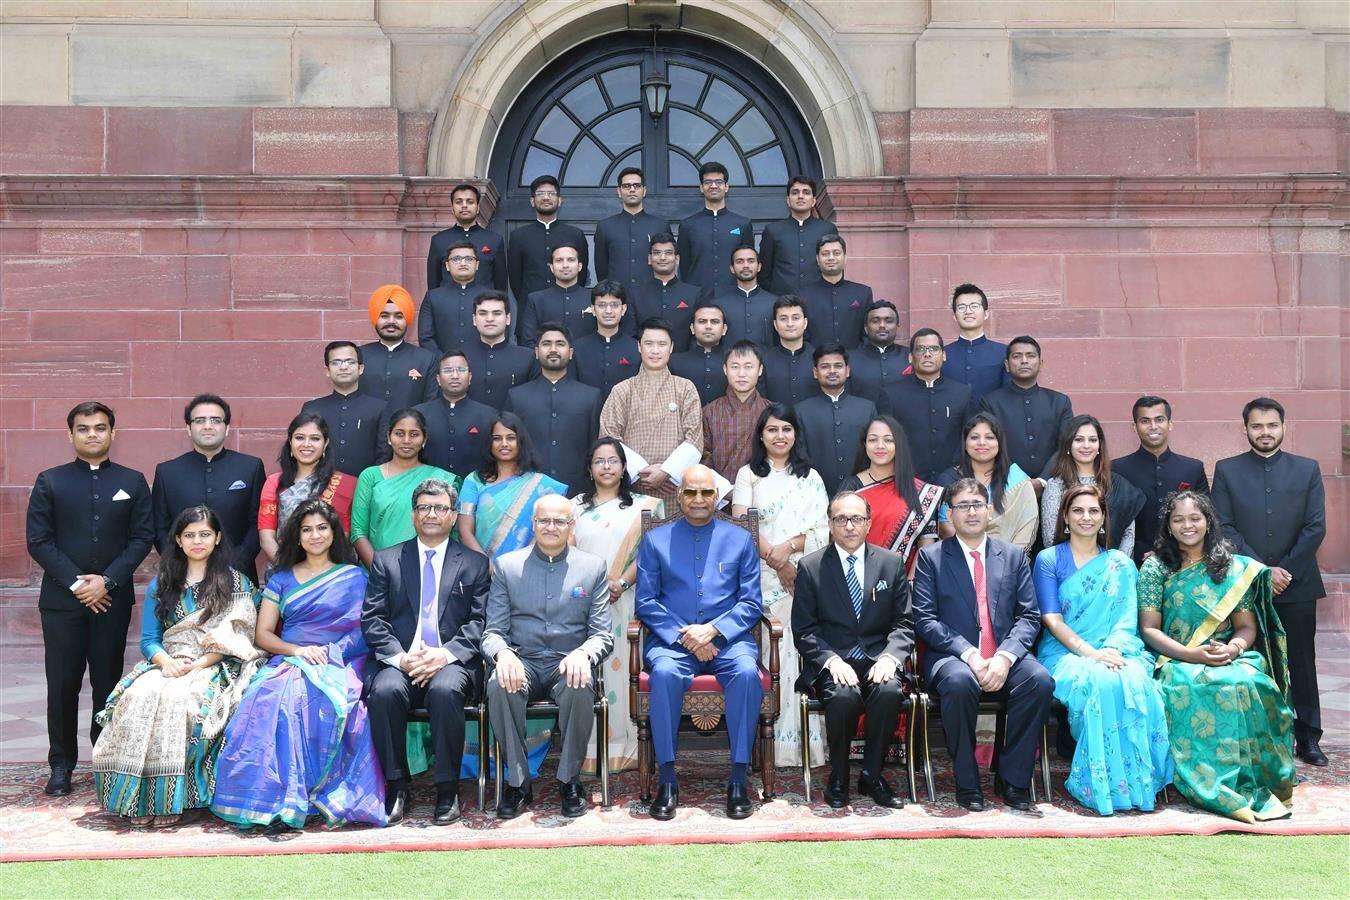 राष्ट्रपति से रॉयल भूटान विदेश सेवा के दो प्रशिक्षु अधिकारियों ने भेंट की